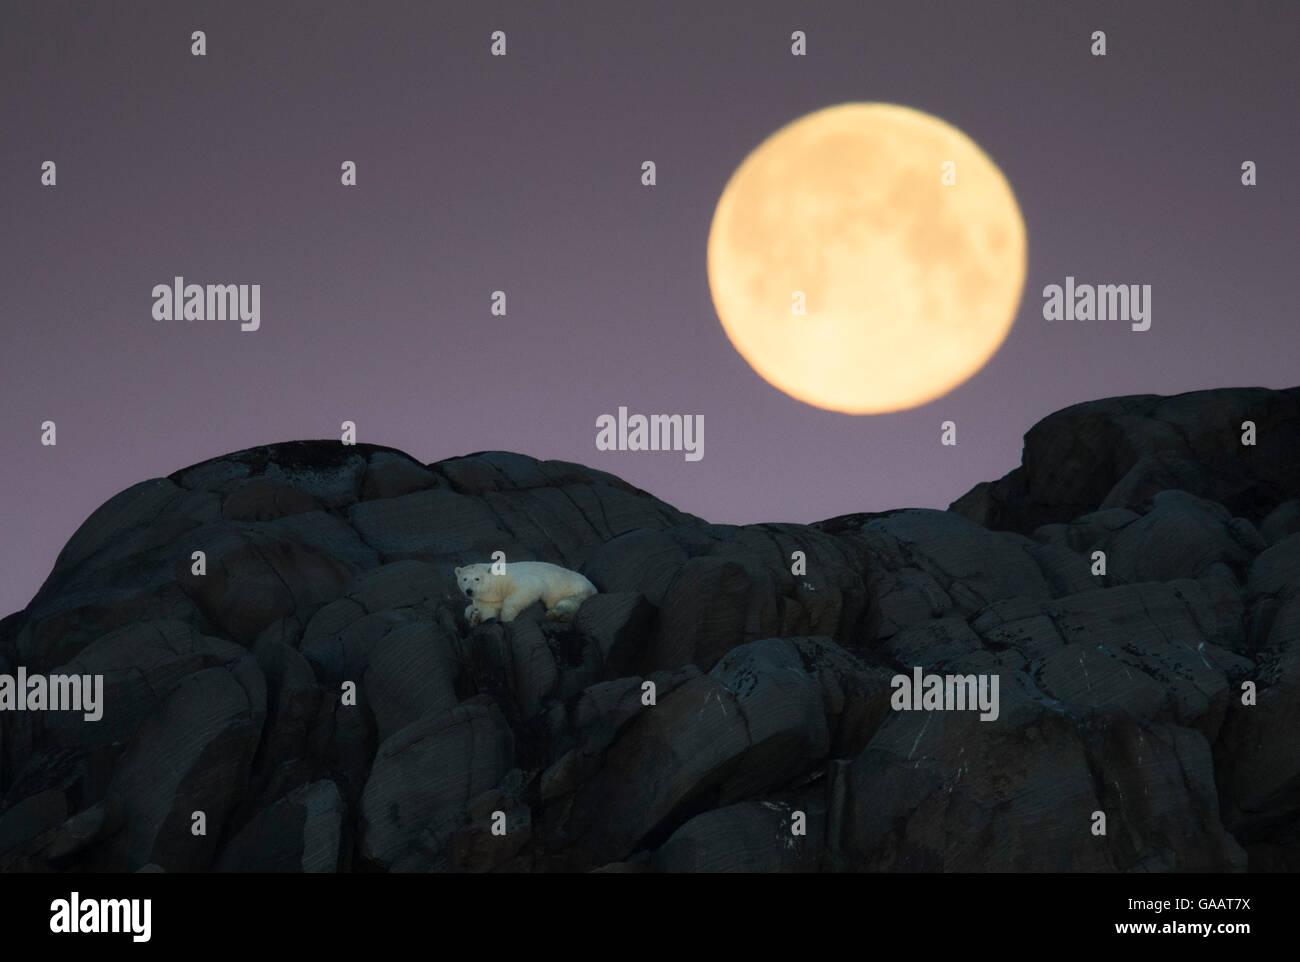 El oso polar (Ursus maritimus) varados en la isla, con luna llena por encima, al norte de Nordaustlandet, Svalbard, Imagen De Stock